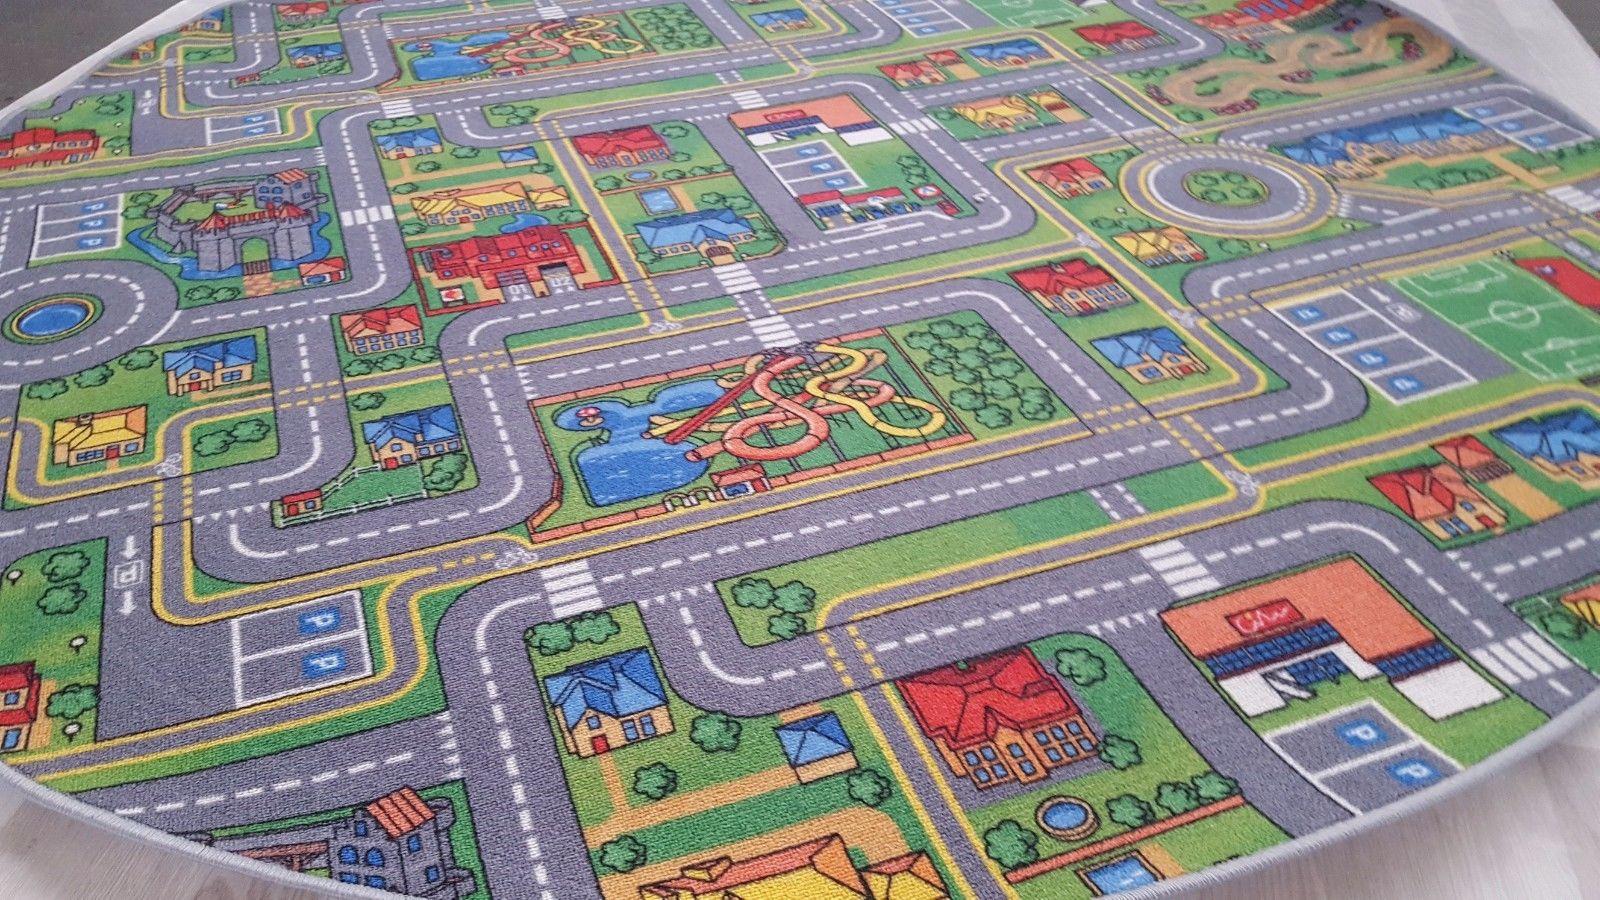 Full Size of Teppichboden Kinderzimmer Teppich Spielteppich Street Life 195 Cm Rund Teppiche Regal Sofa Regale Weiß Kinderzimmer Teppichboden Kinderzimmer